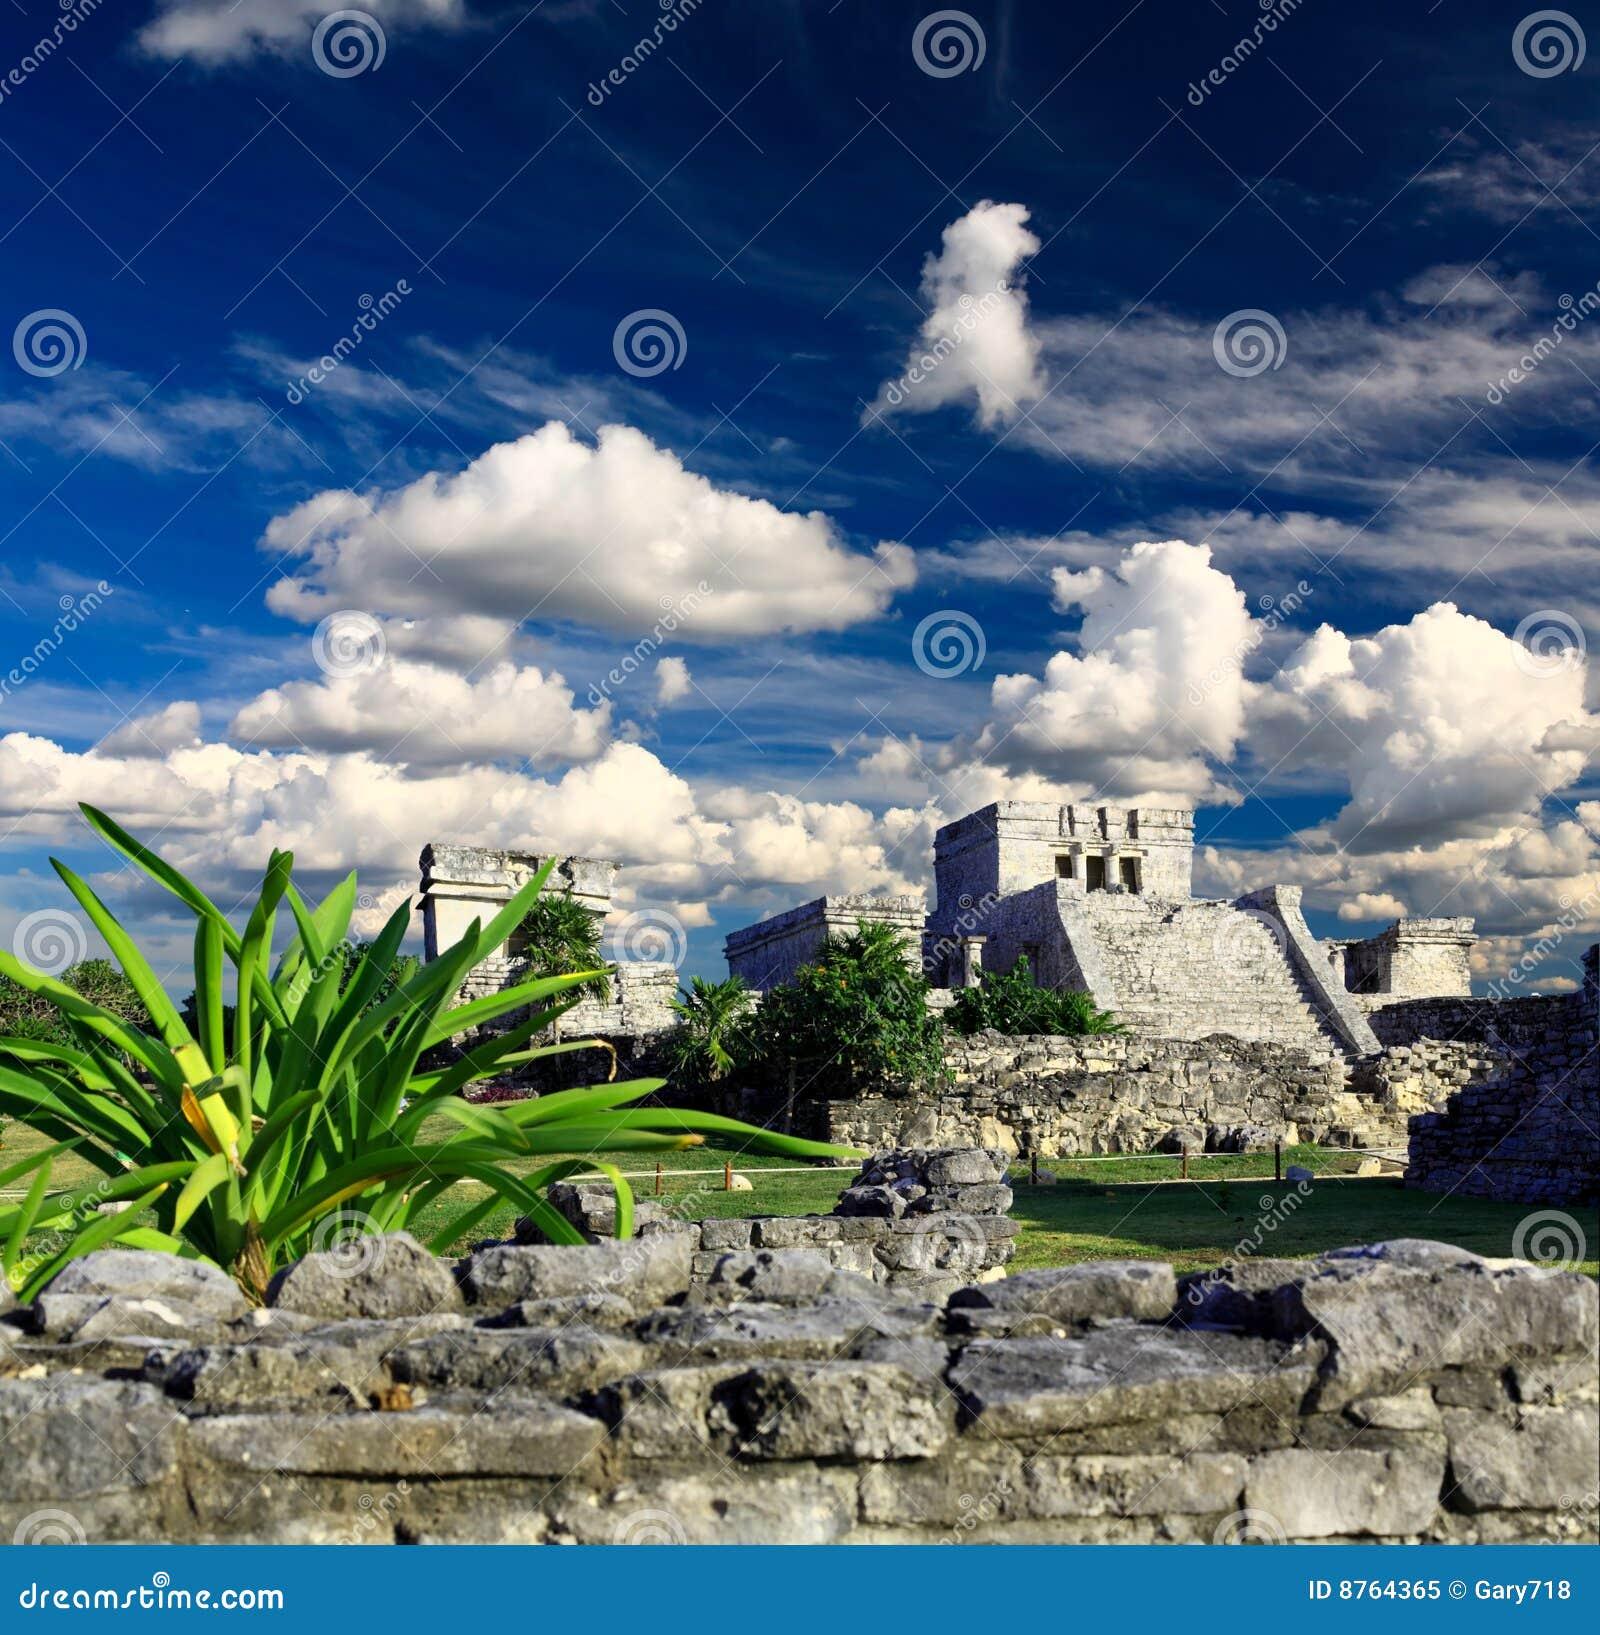 Tulum ruins in the Maya World near Cancun